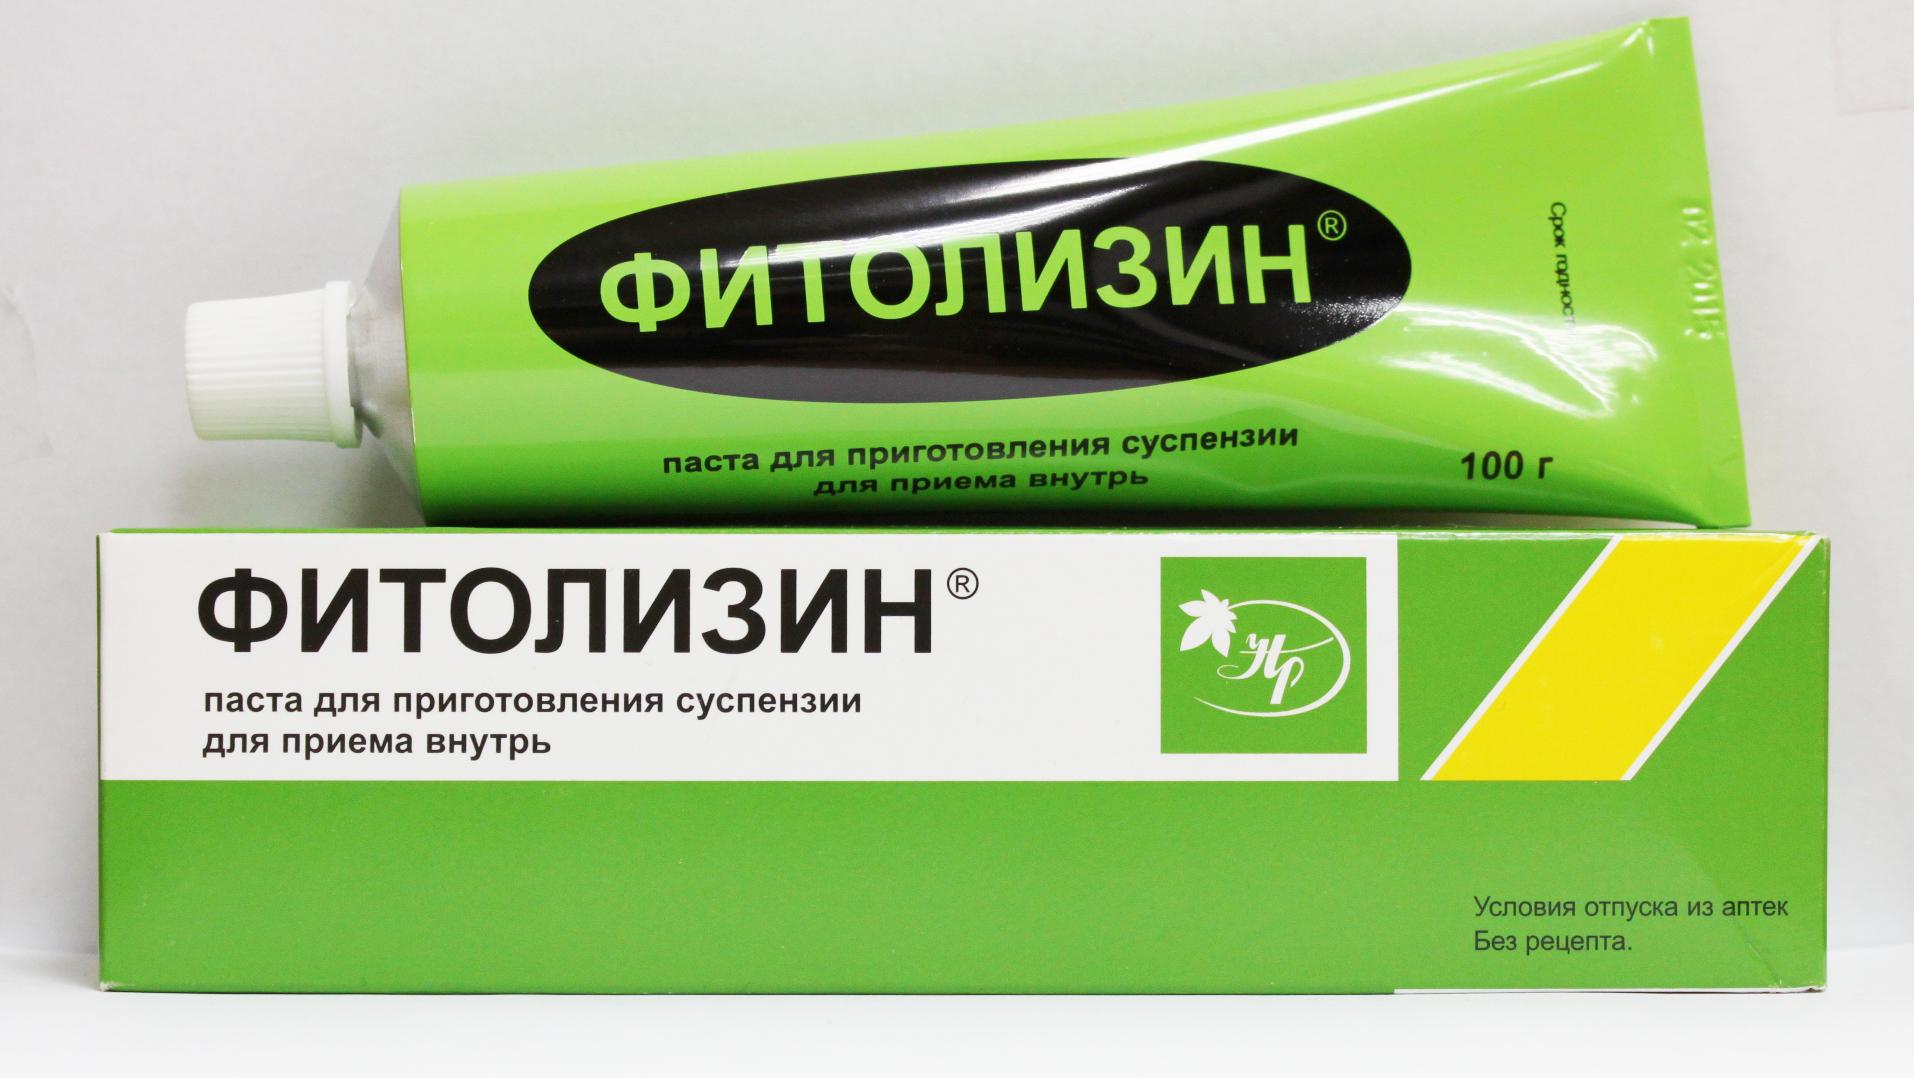 Препарат фитолизин инструкция по применению